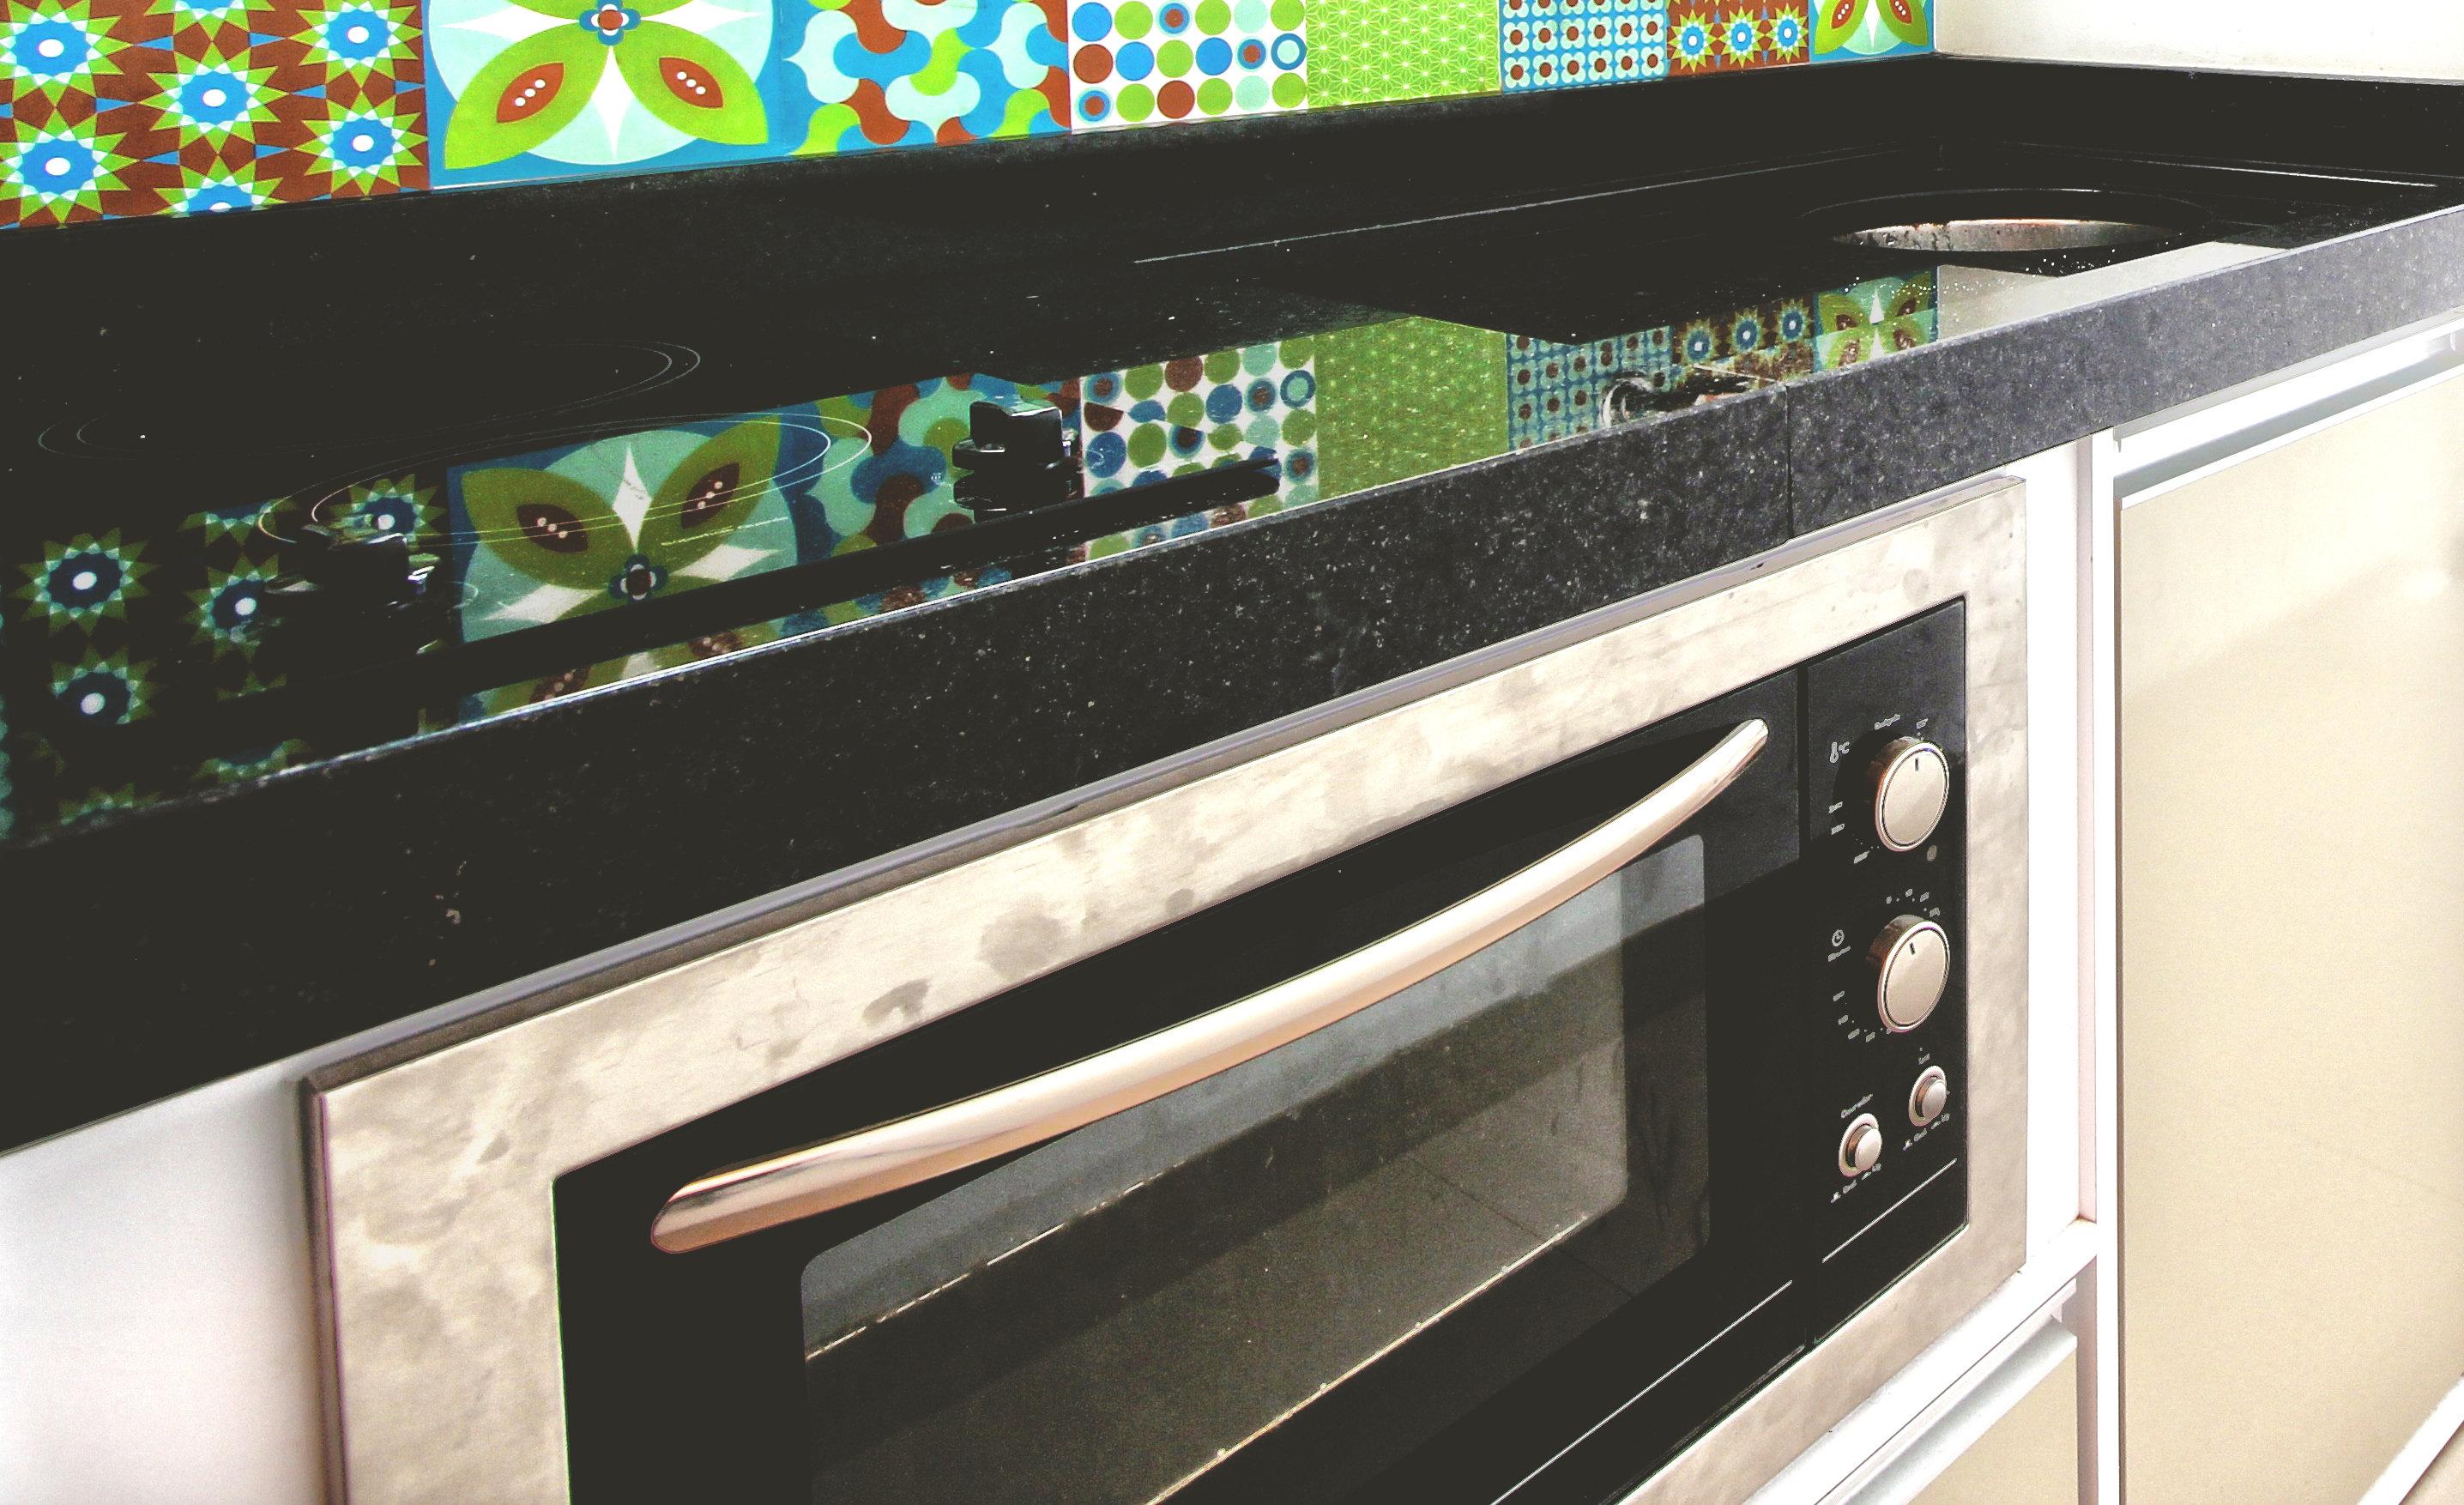 Pack productos limpieza cocina limpia a fondo neteges - Productos limpieza cocina ...